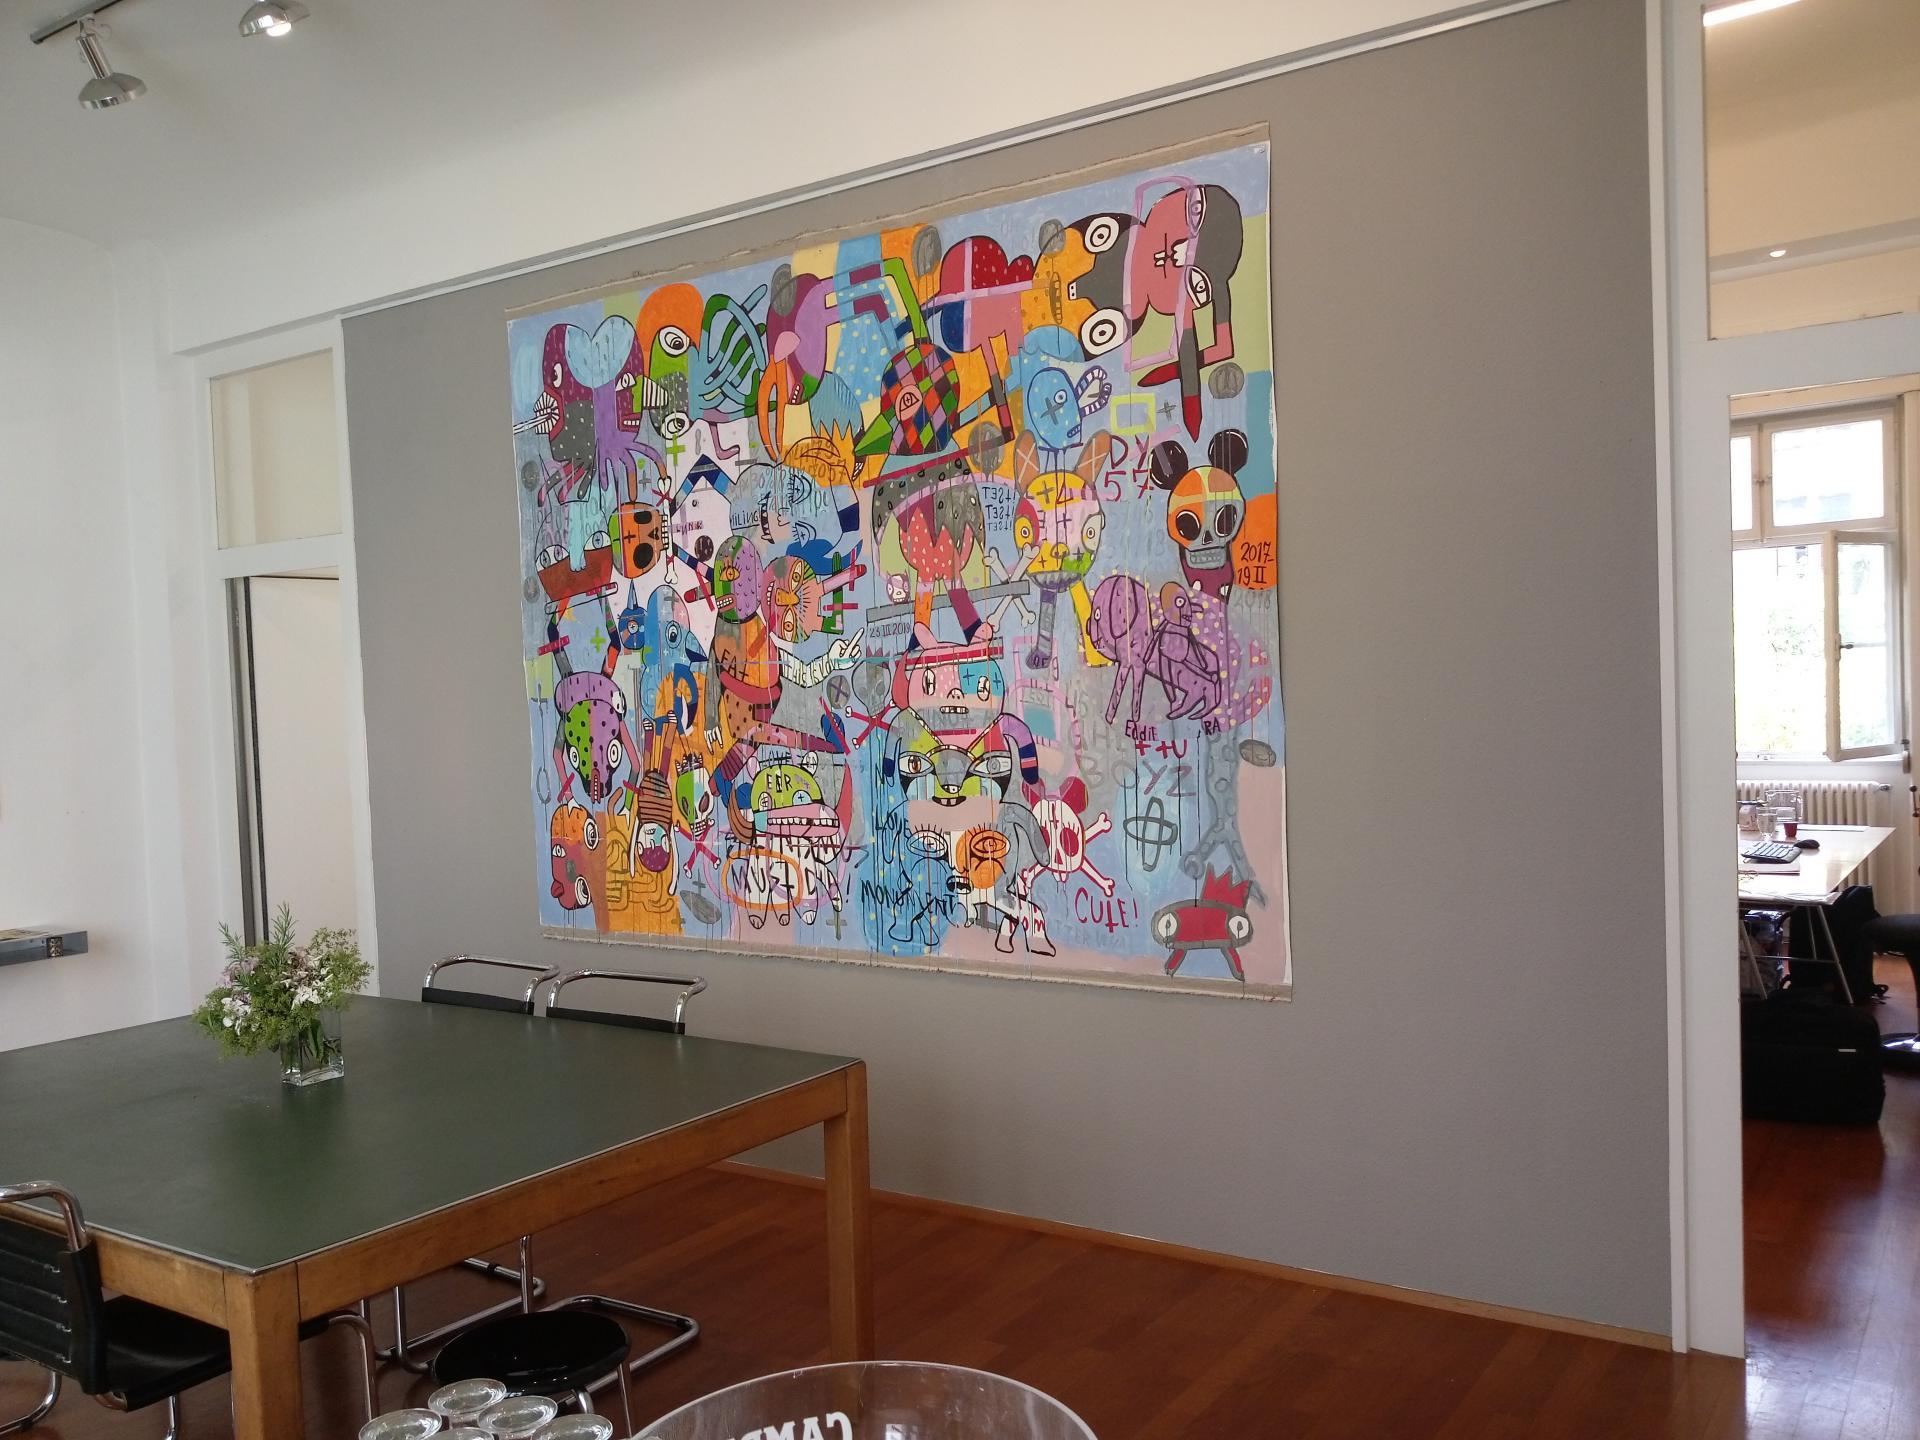 Meetingraum mit Kunstwerk von Eddie Hara